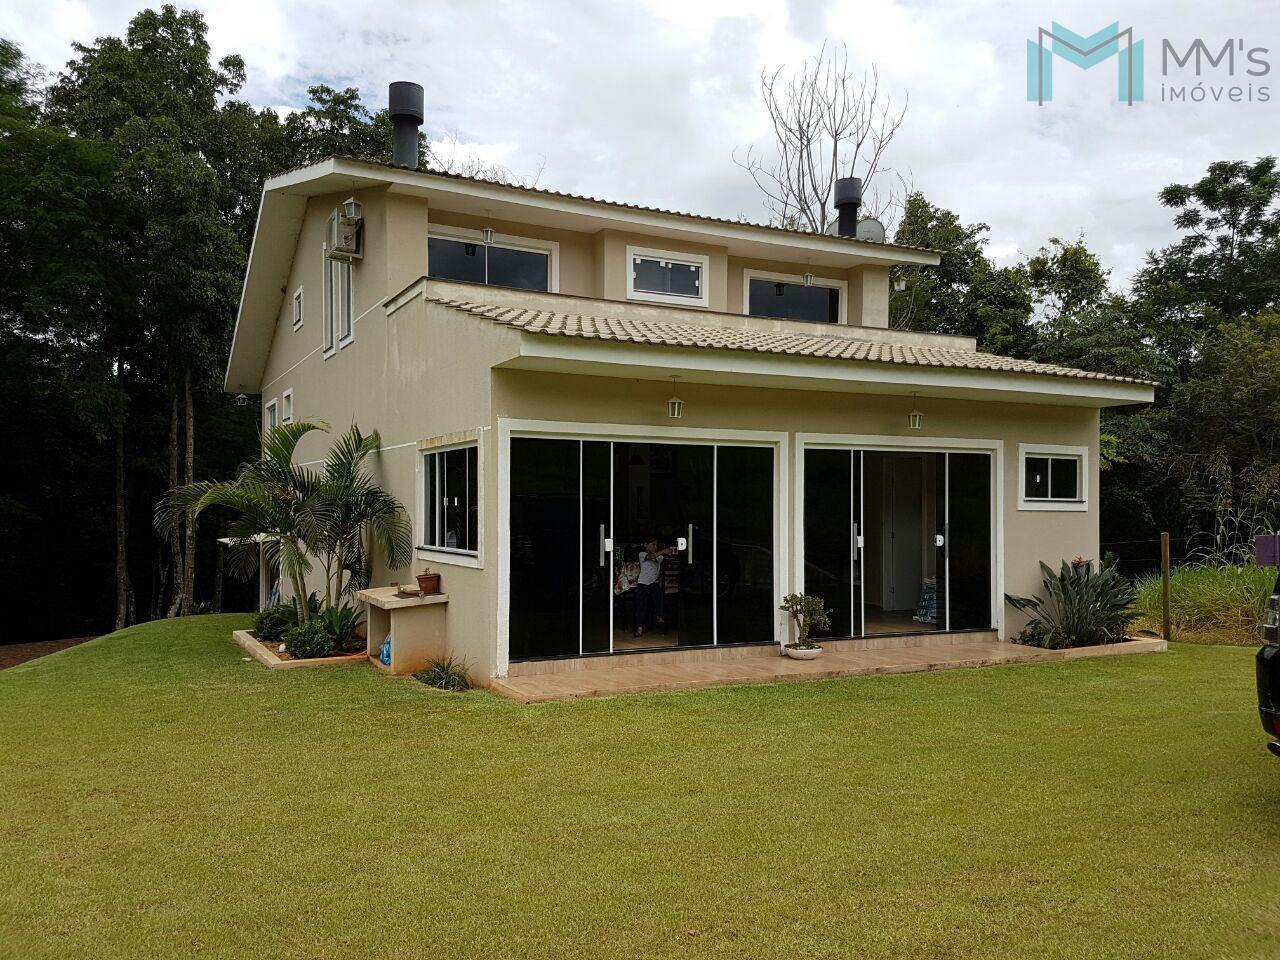 Sobrado residencial à venda, Zona Rural, Boa Vista da Aparecida - SO0332.